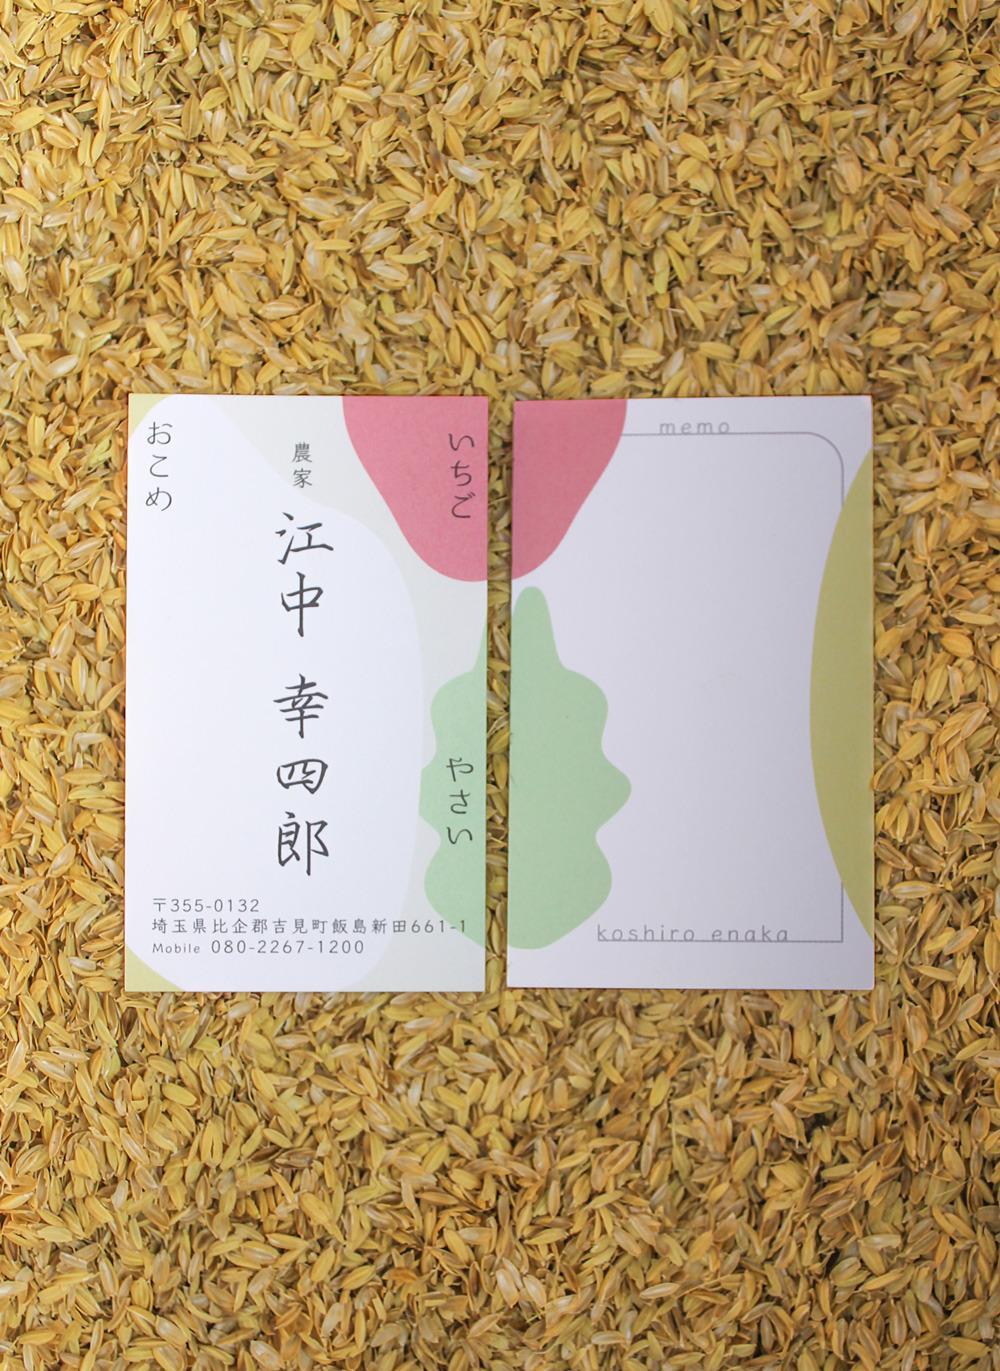 2018koshiroenaka_meishi2.jpg